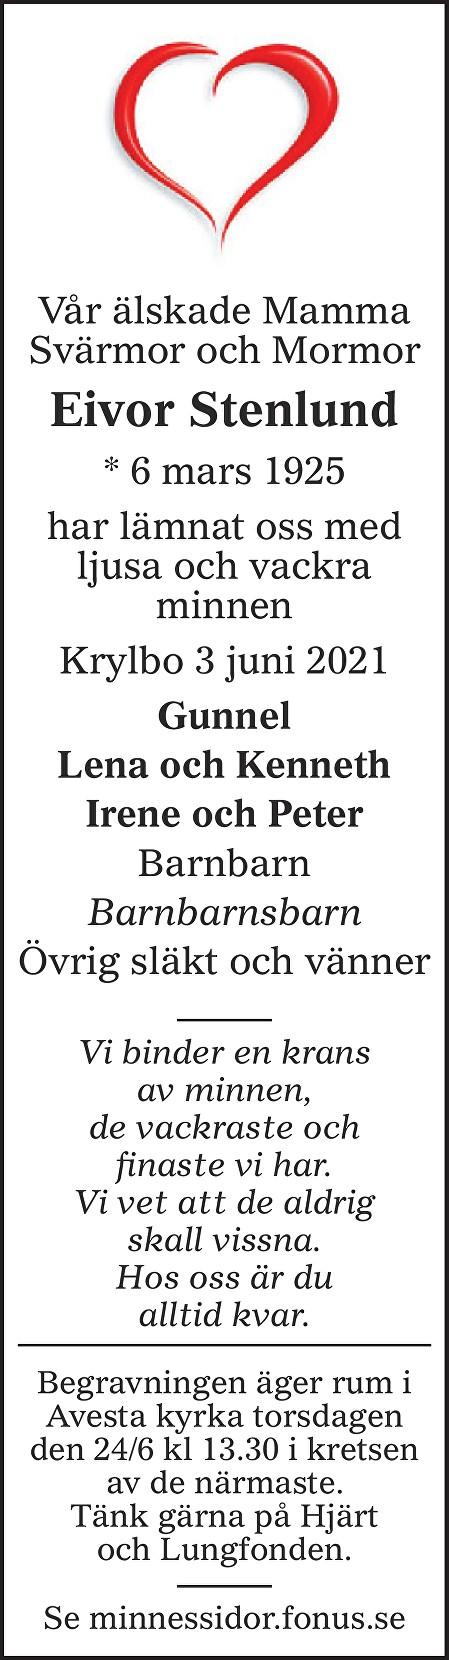 Eivor Stenlund Death notice